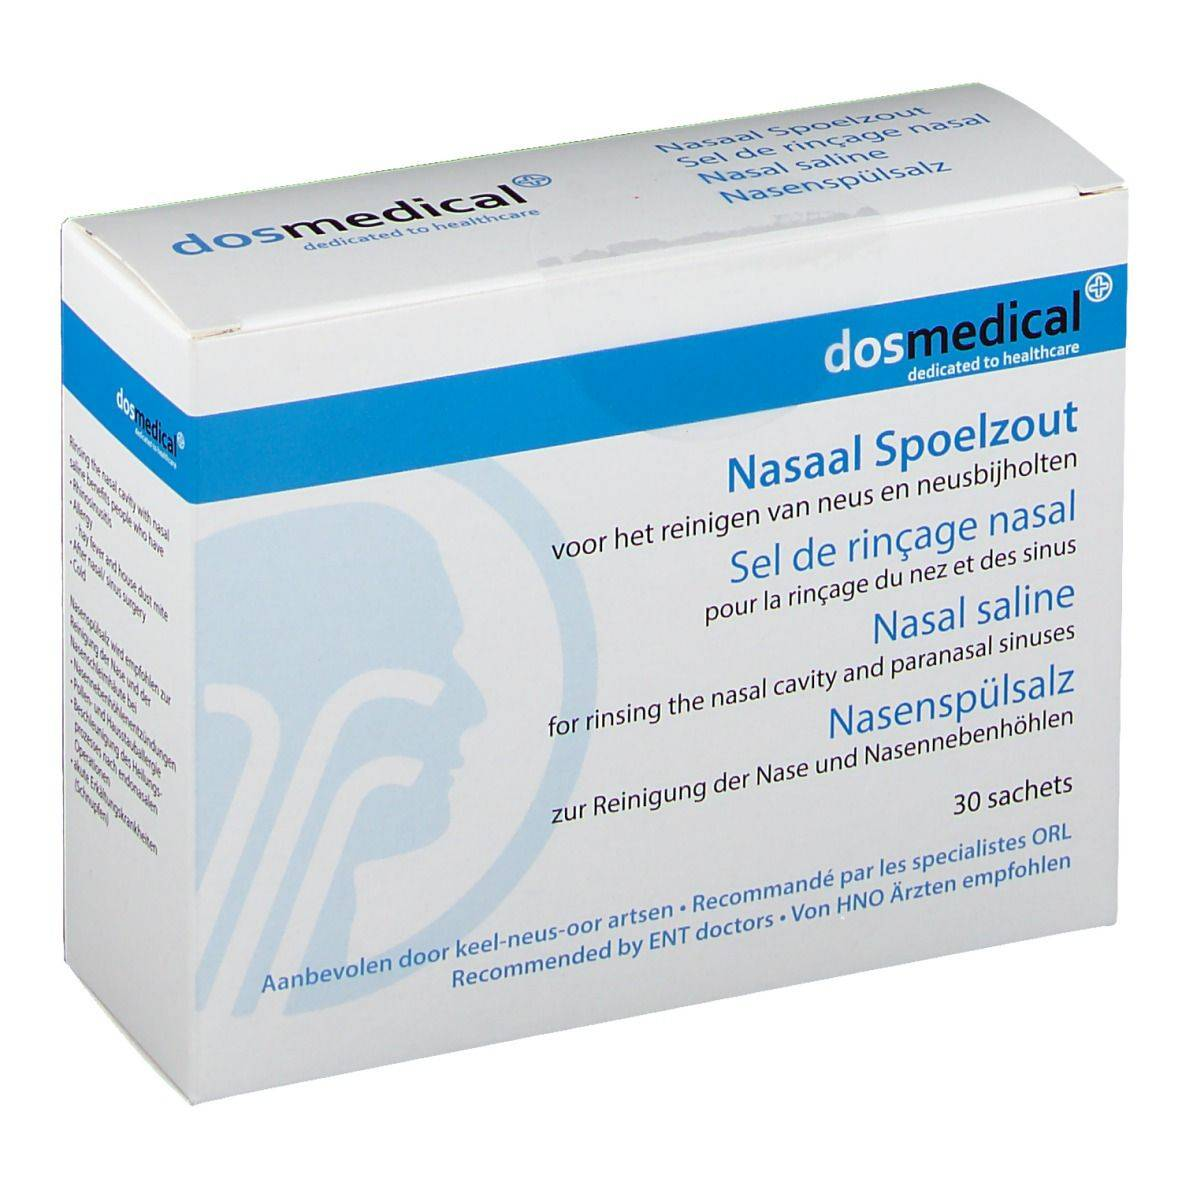 dosmedical Dos Medical Sel de rinçage nasal pc(s) sachet(s)